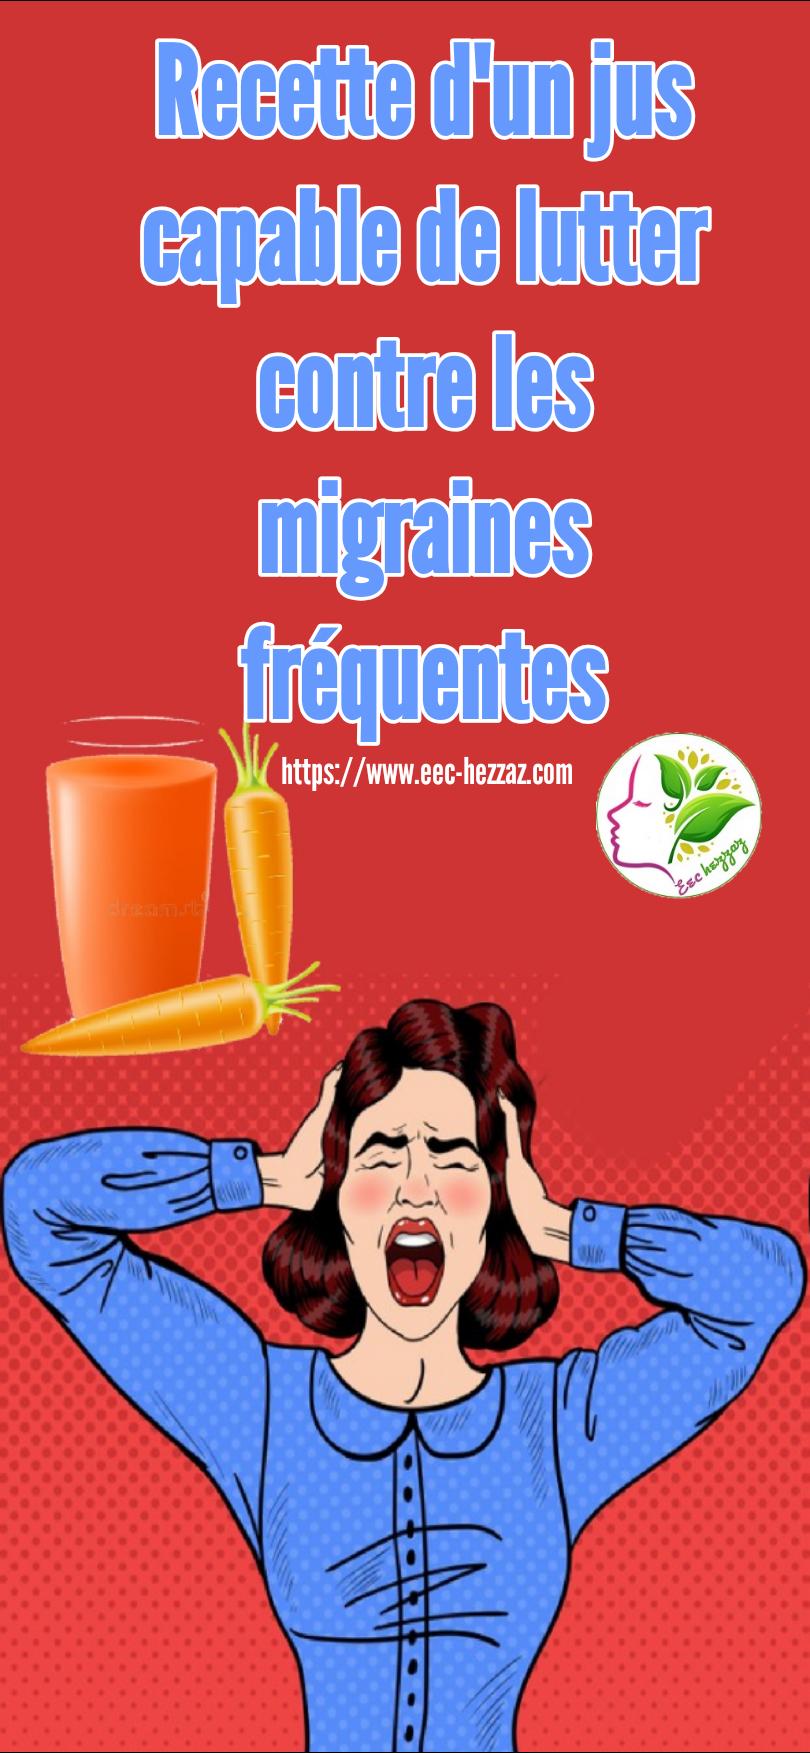 Recette d'un jus capable de lutter contre les migraines fréquentes